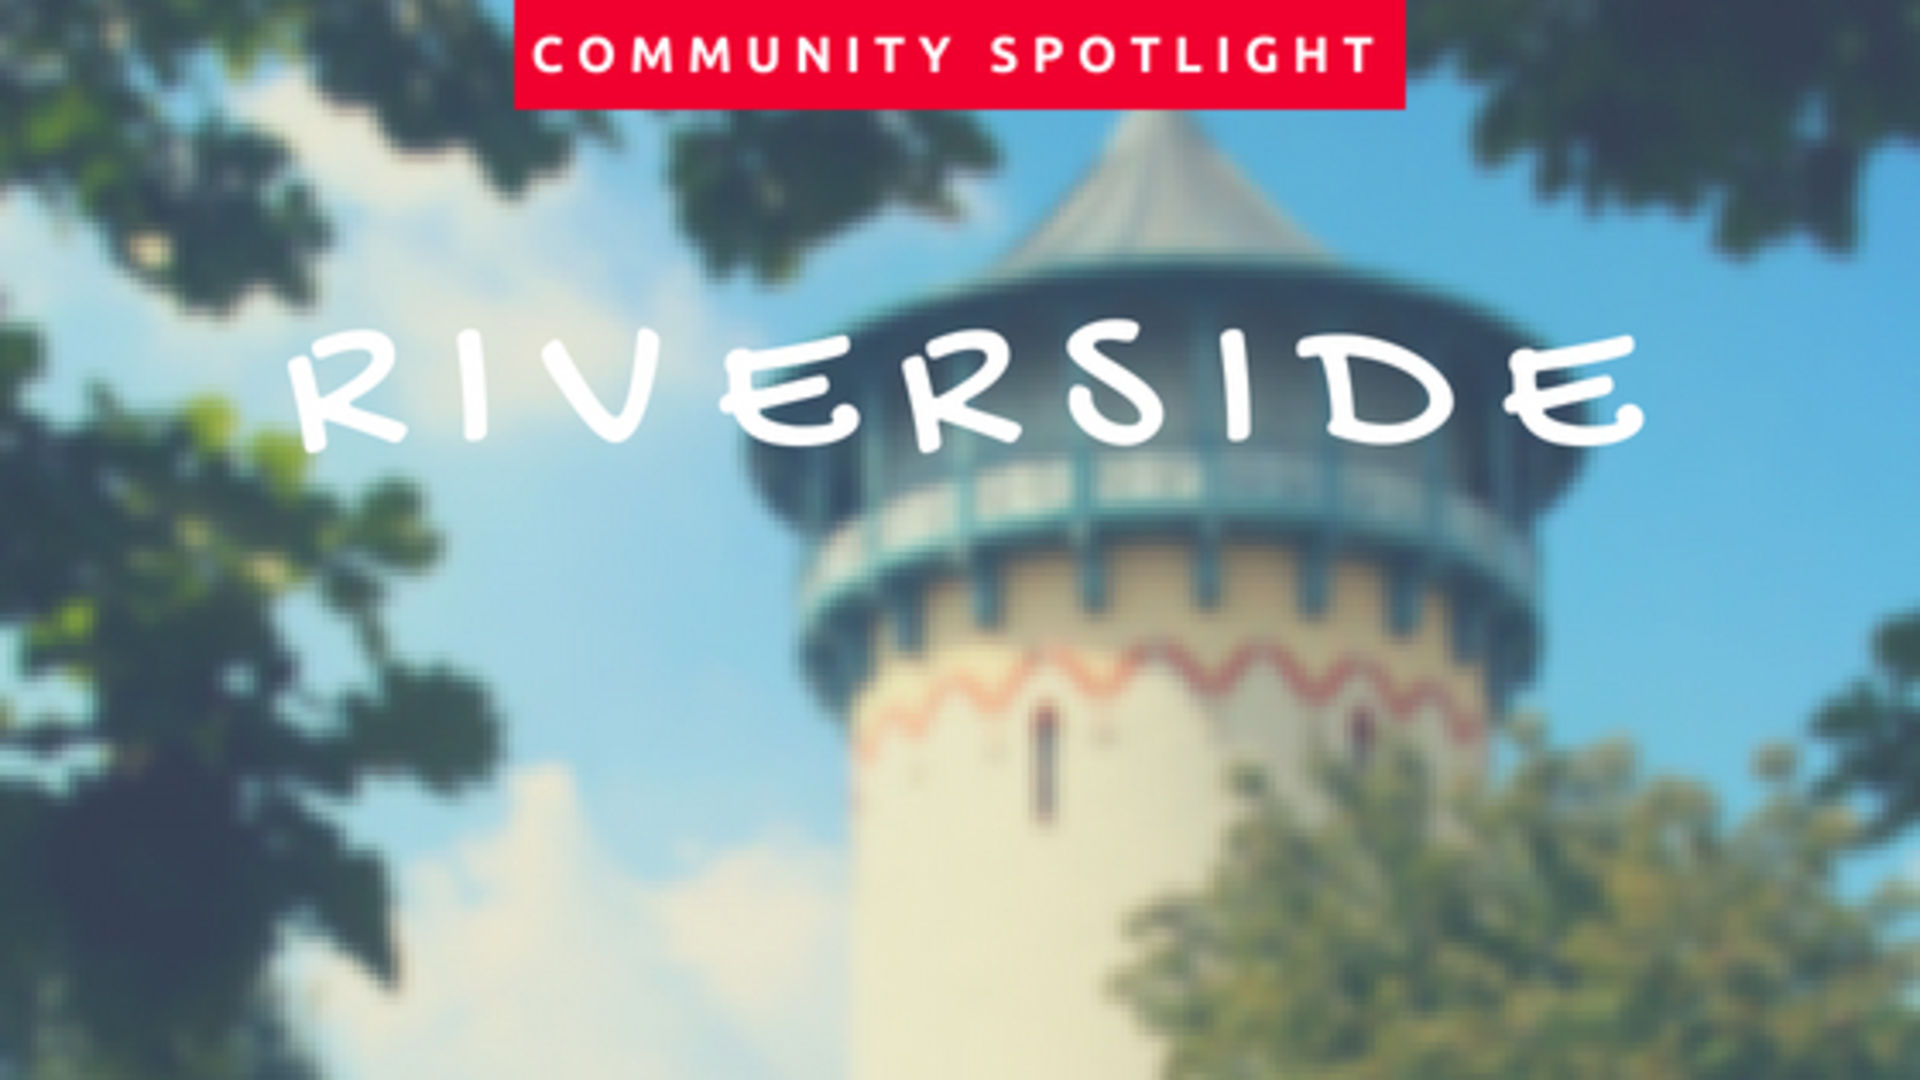 Community Spotlight : Riverside